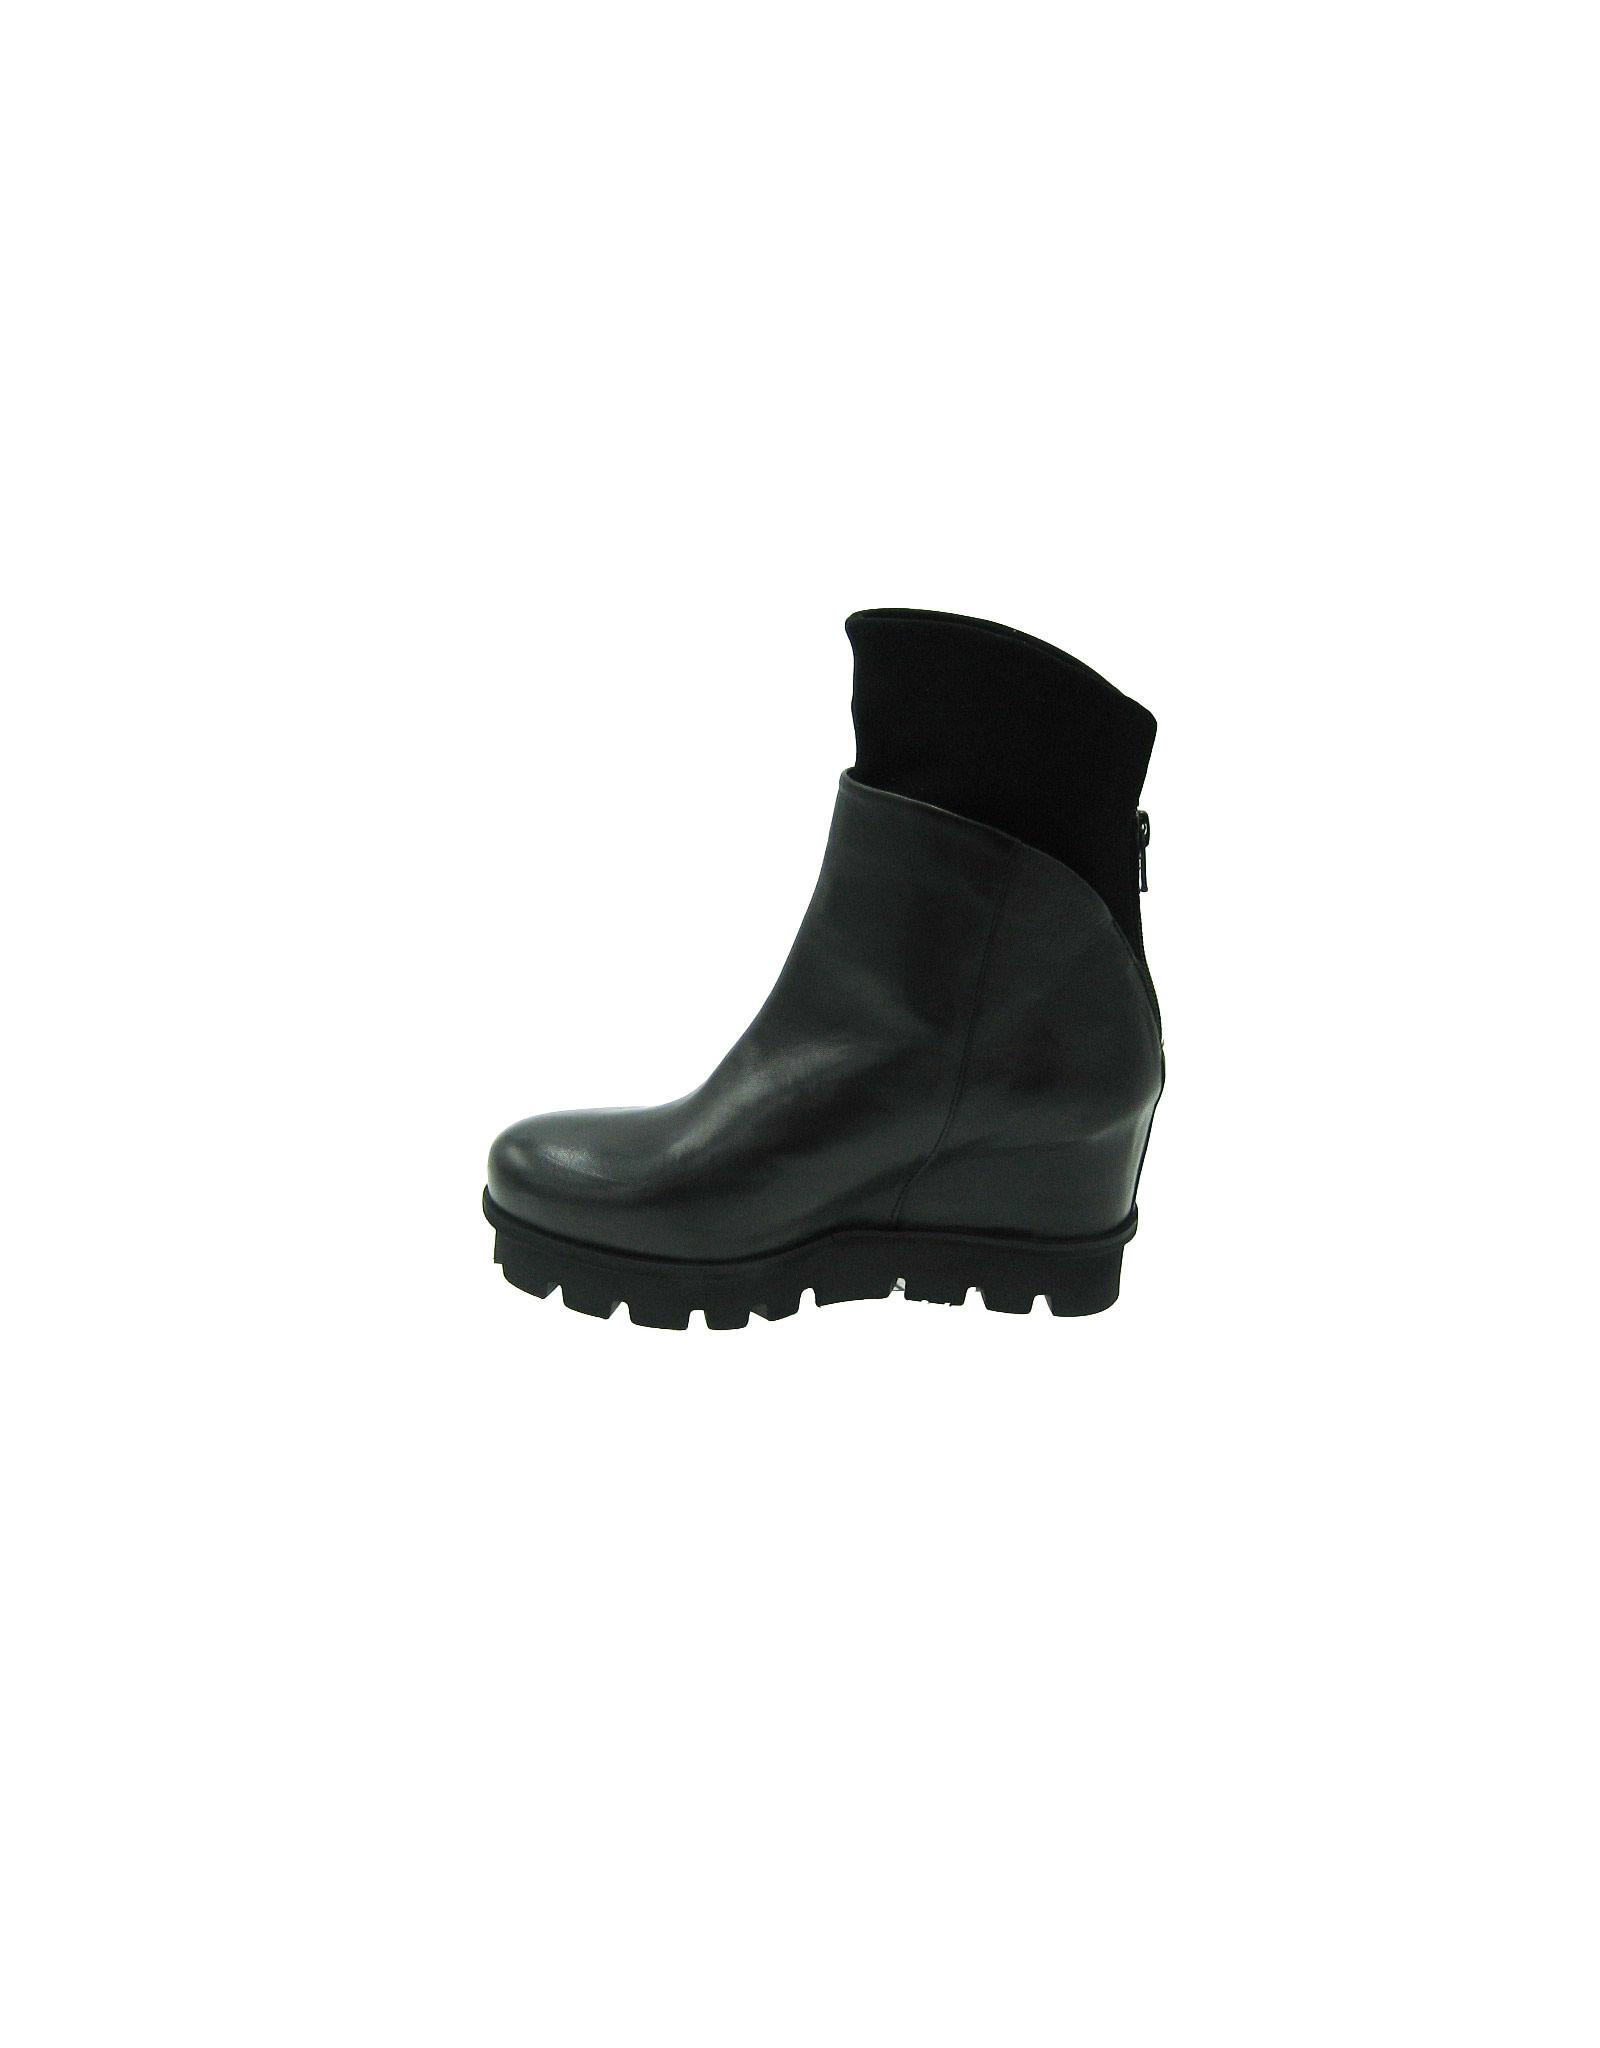 Patrizia Bonfanti Jun Zanzi Black Ankle Boot